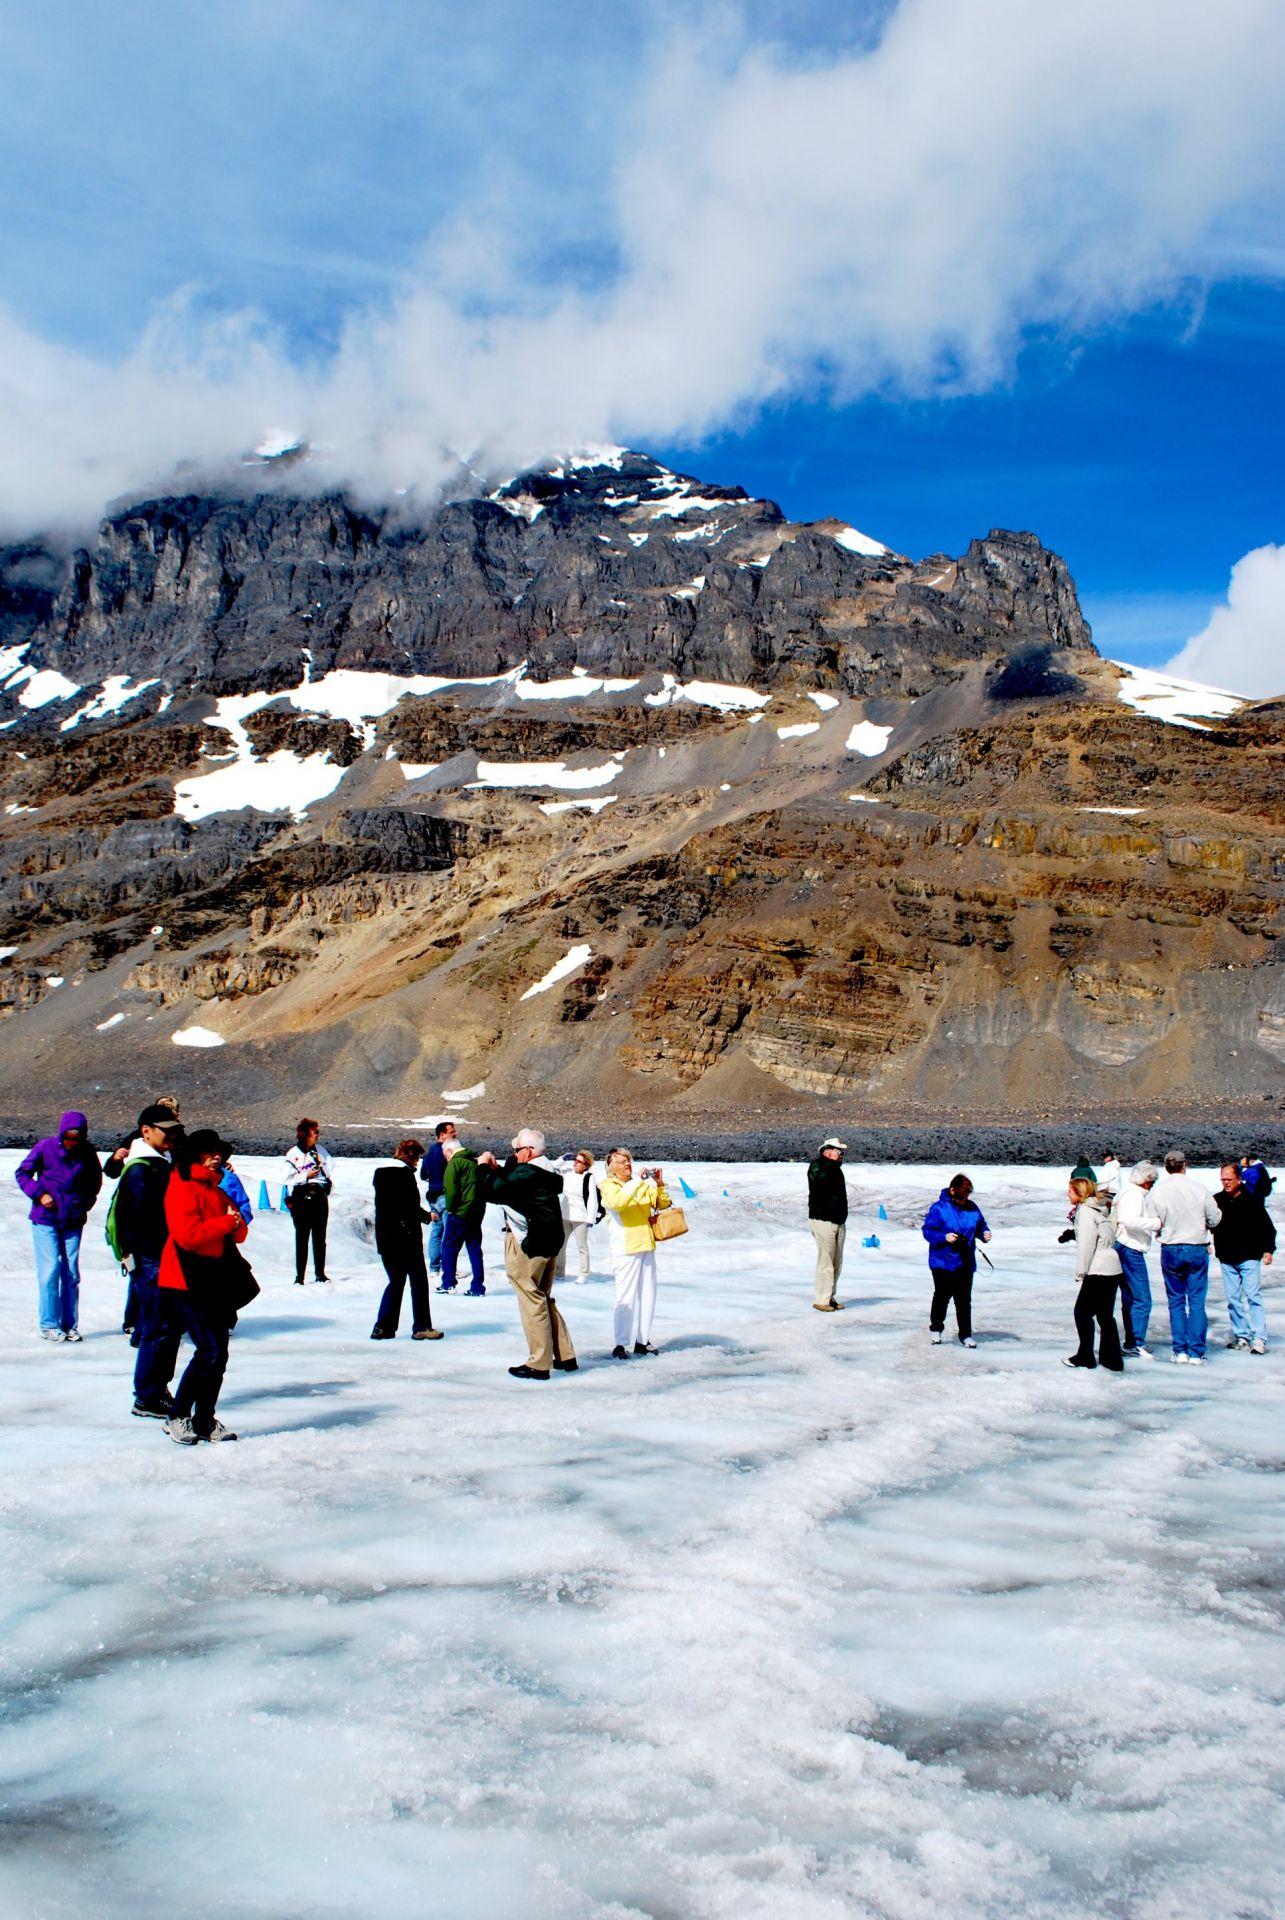 Turistas caminham sobre o Athabasca Glacier, na região das rochosas canadenses